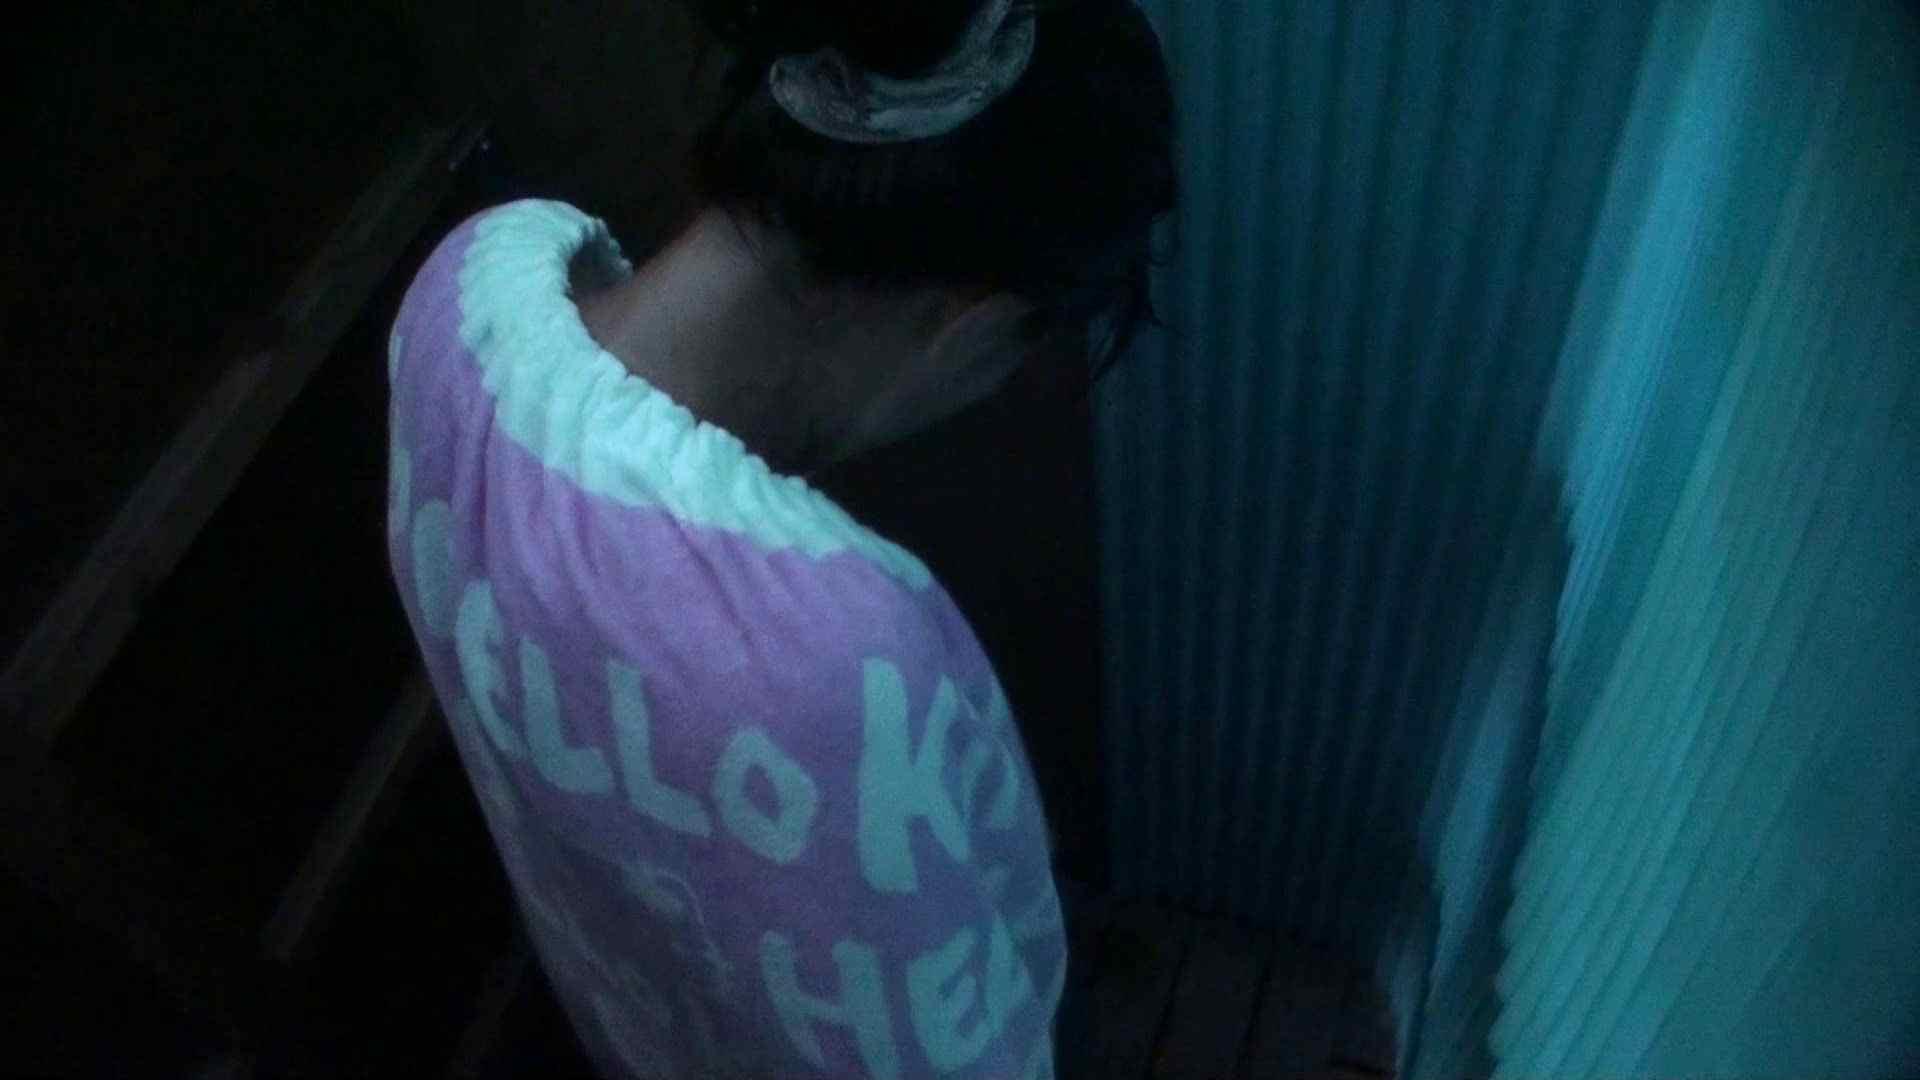 シャワールームは超!!危険な香りVol.26 大学生風美形ギャル 暗さが残念! ギャルのエロ動画 | 高画質モード  95画像 45